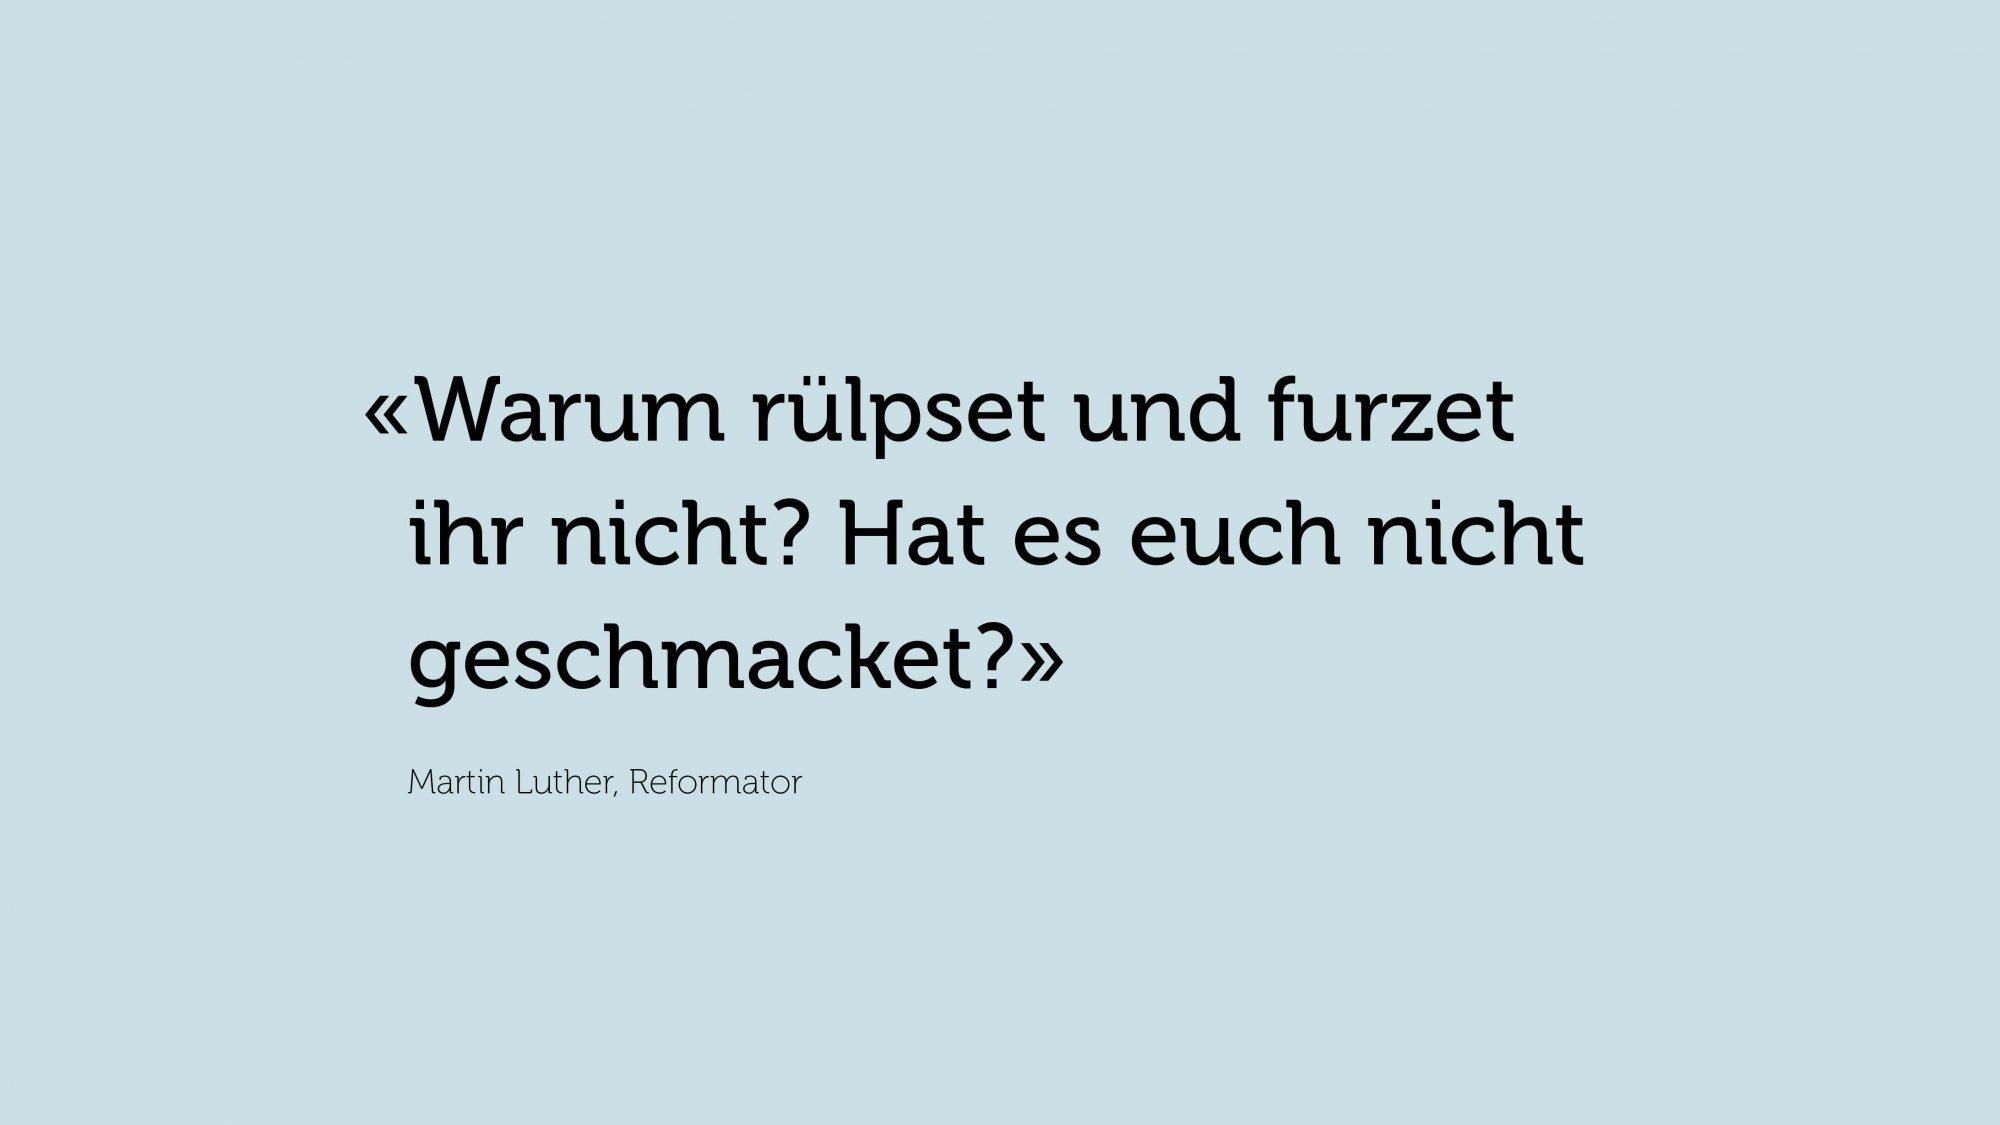 Zitat von Martin Luther, Reformator: «Warum rülpset und furzet ihr nicht? Hat es euch nicht geschmacket?»